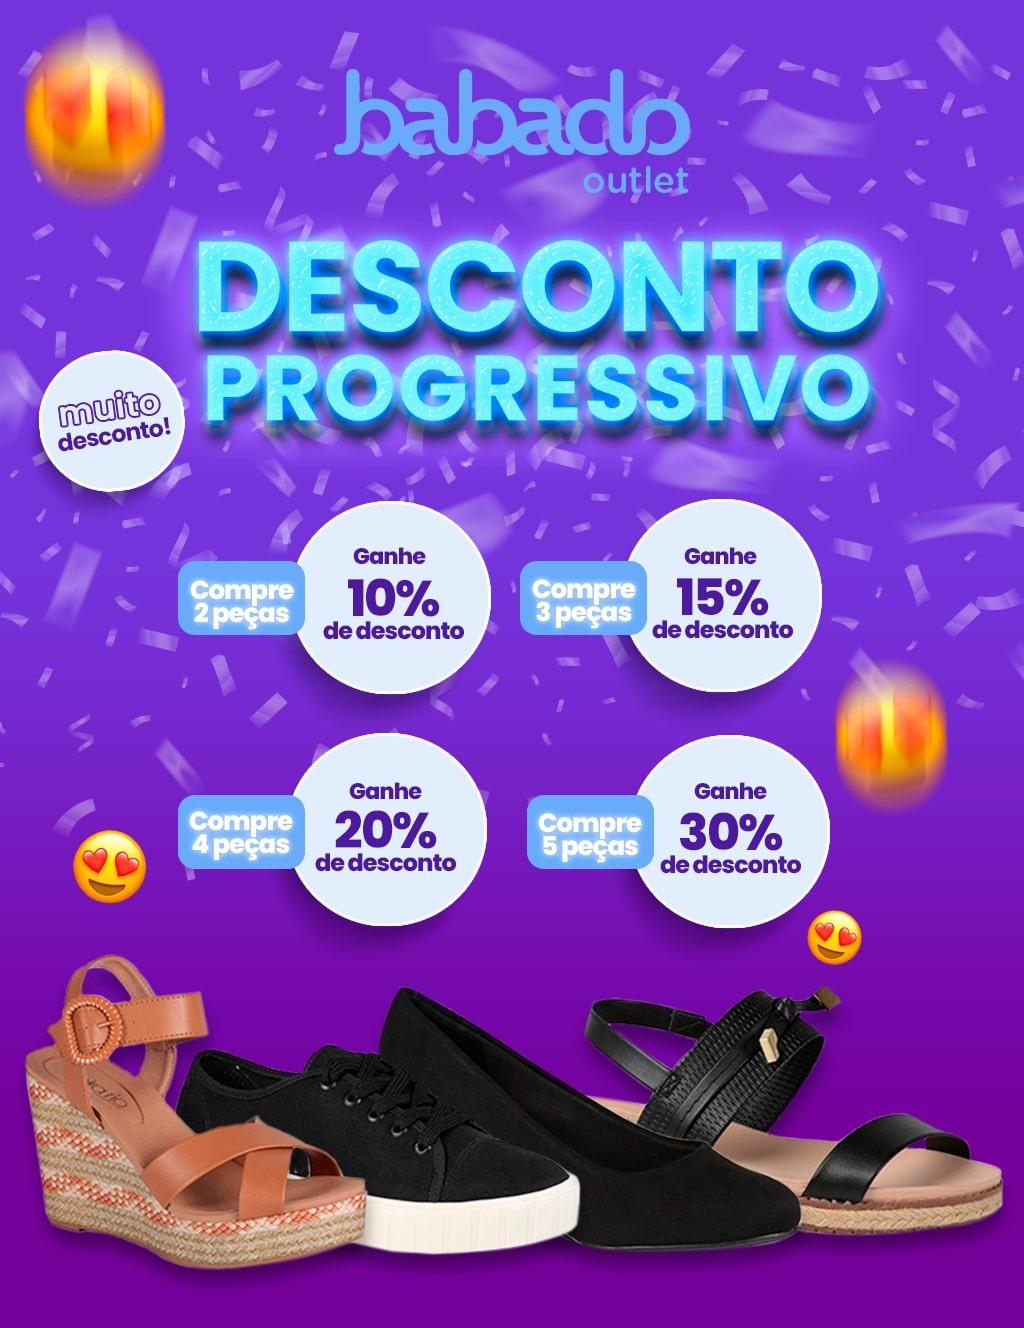 Topo 01: Desconto + Progressivo